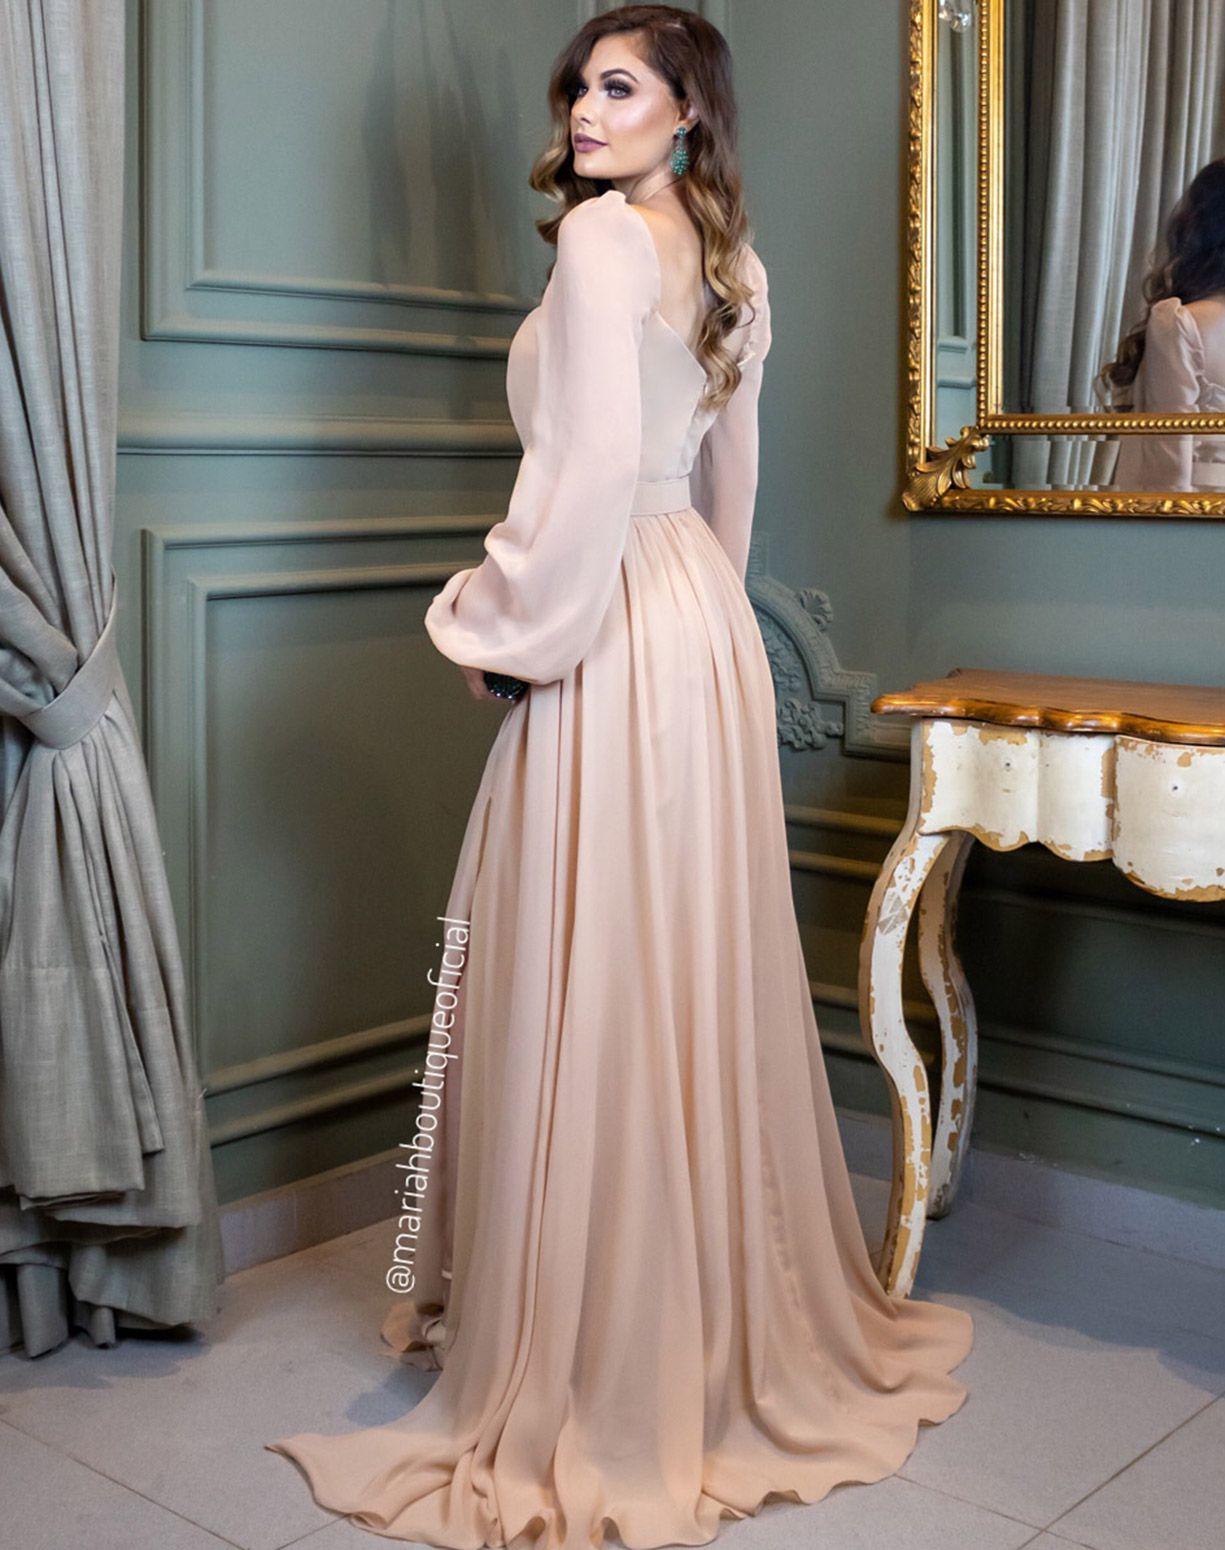 Vestido nude manga longa com fenda e cinto